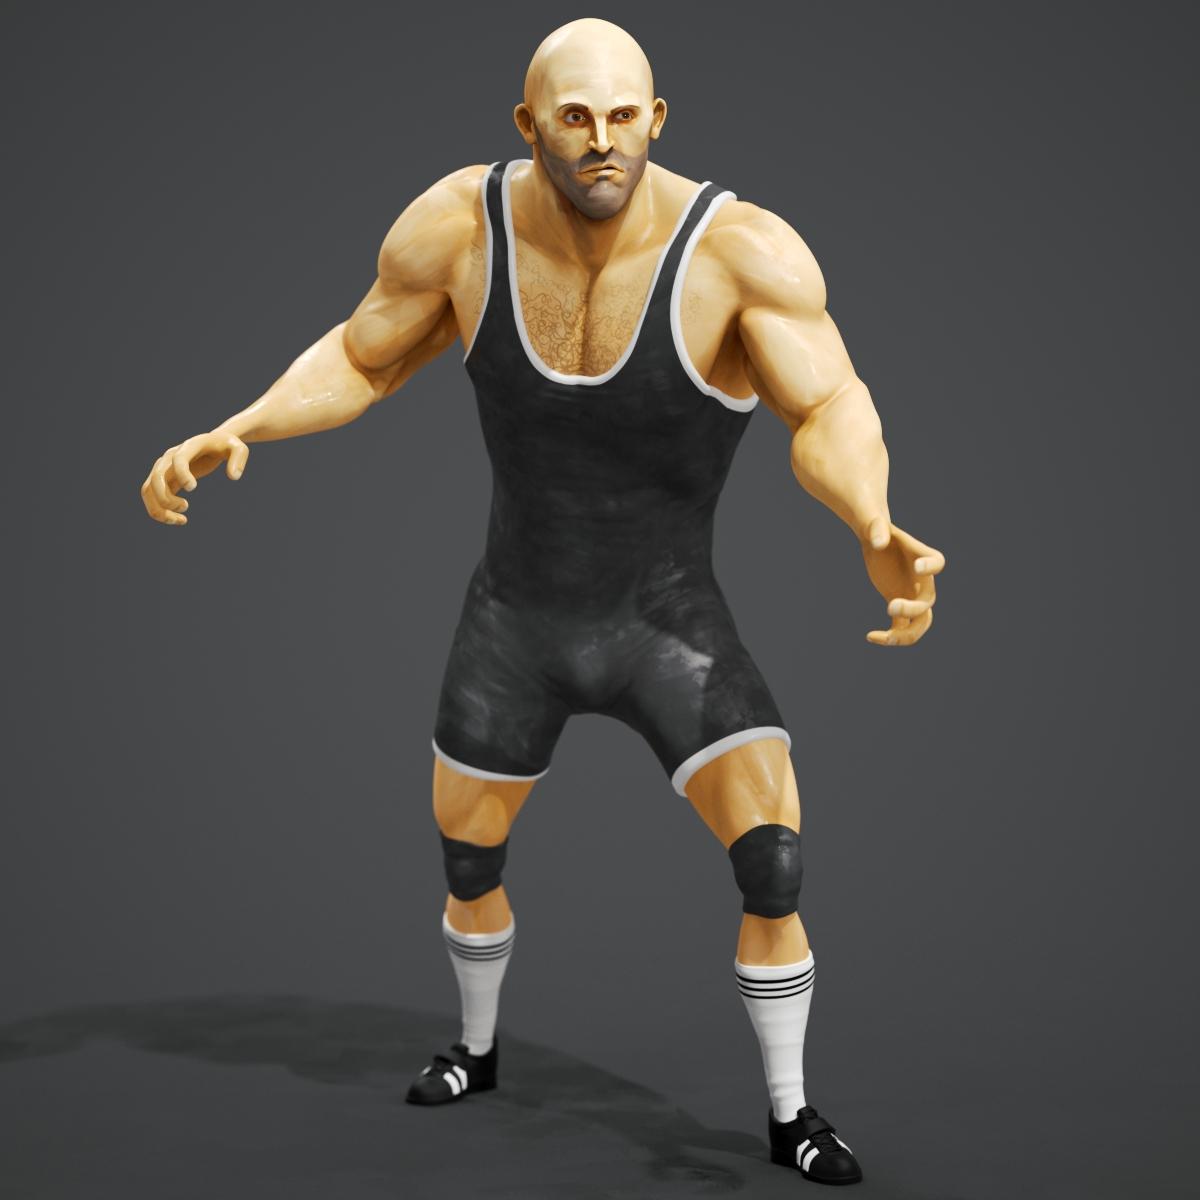 wrestler_01.jpg